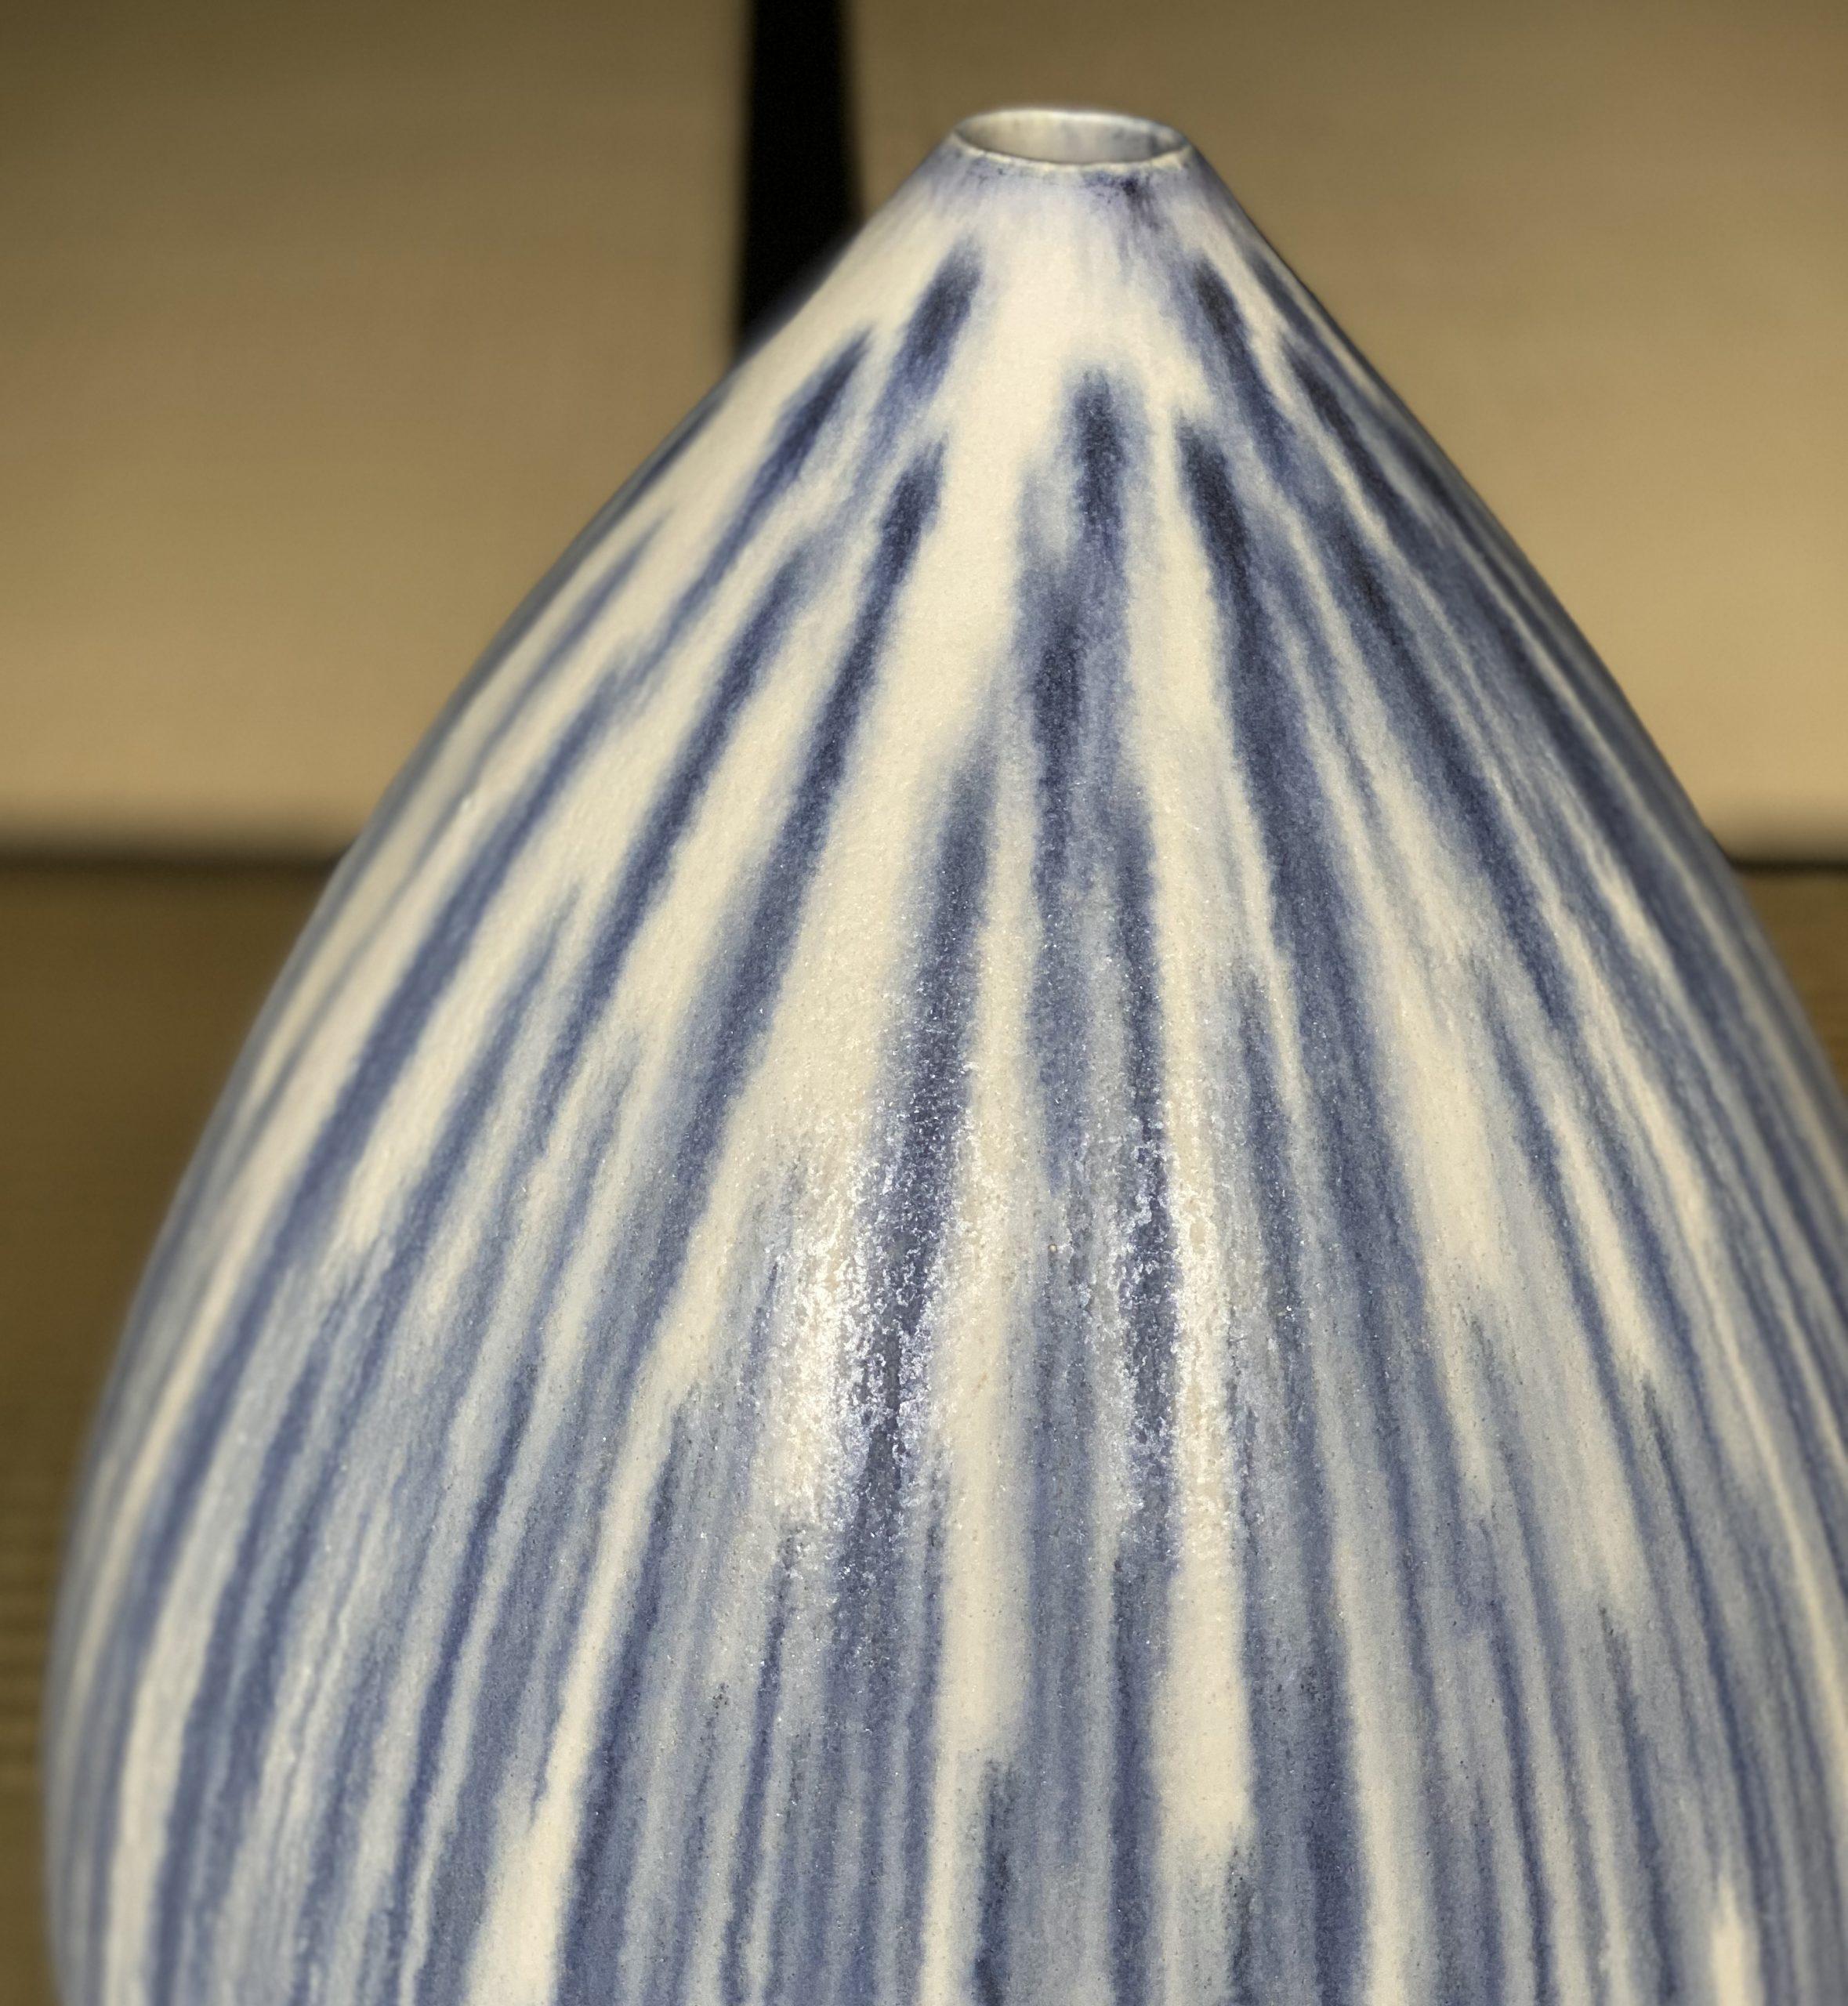 Blue-White Glazed Jar by Kiyomizu Hiroaki